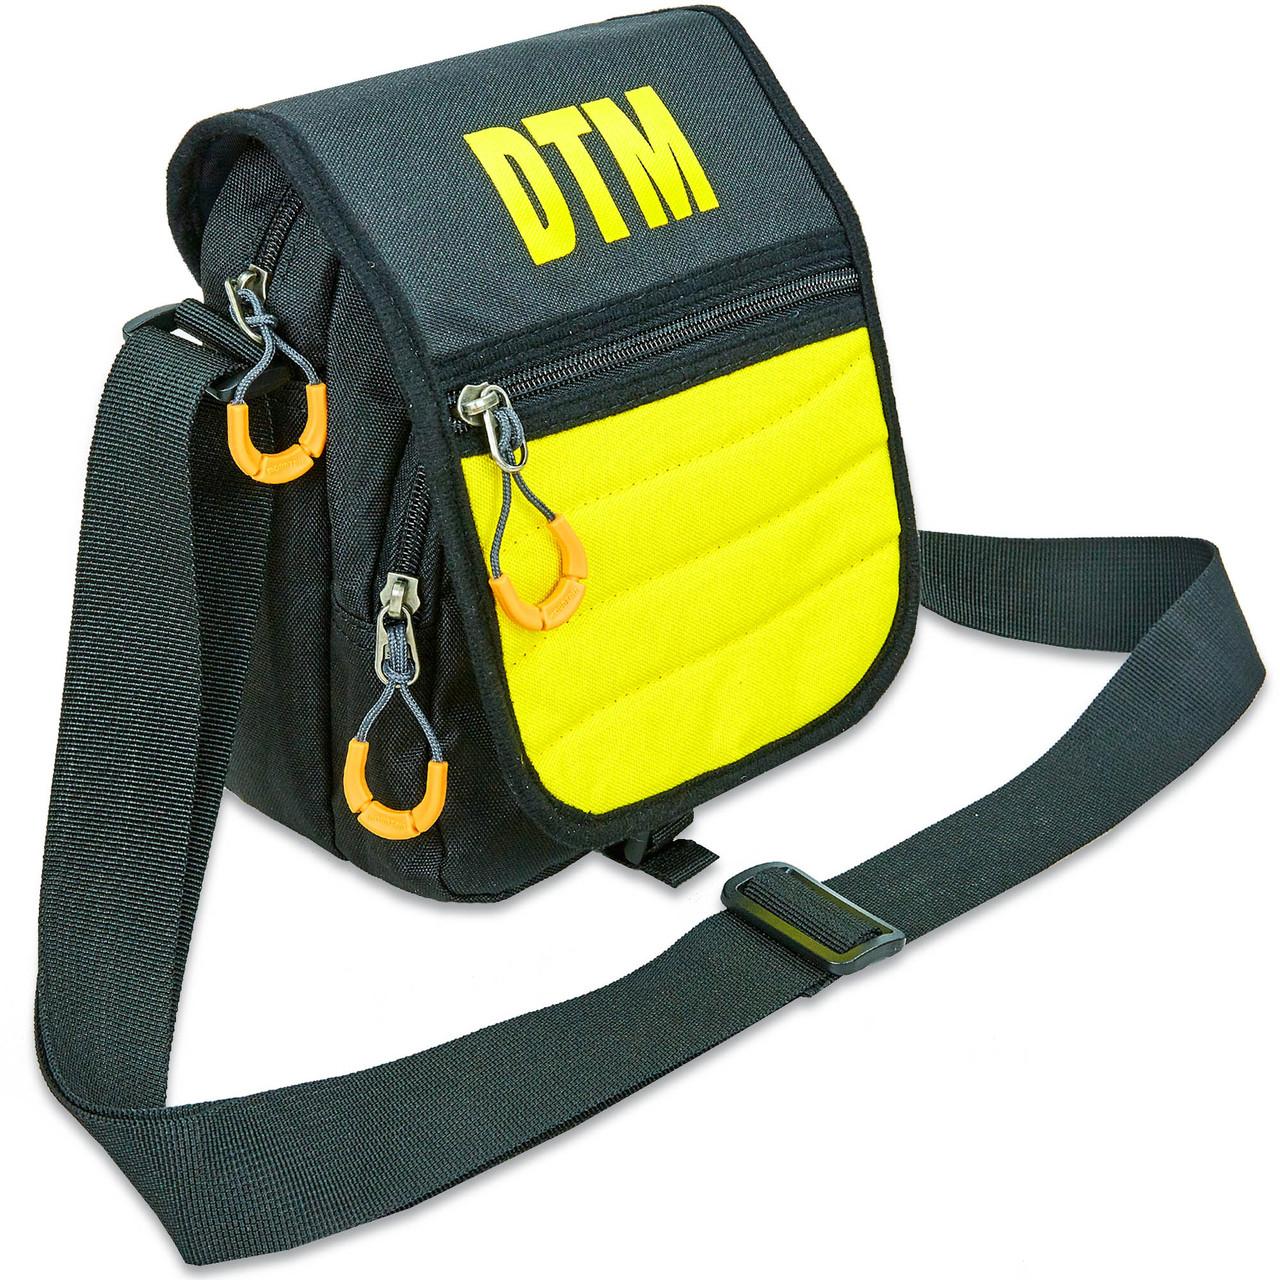 Сумка вертикальная маленькая через плечо DTM (полиэстер, р-р 15,5х19х9см, цвета в ассортименте)